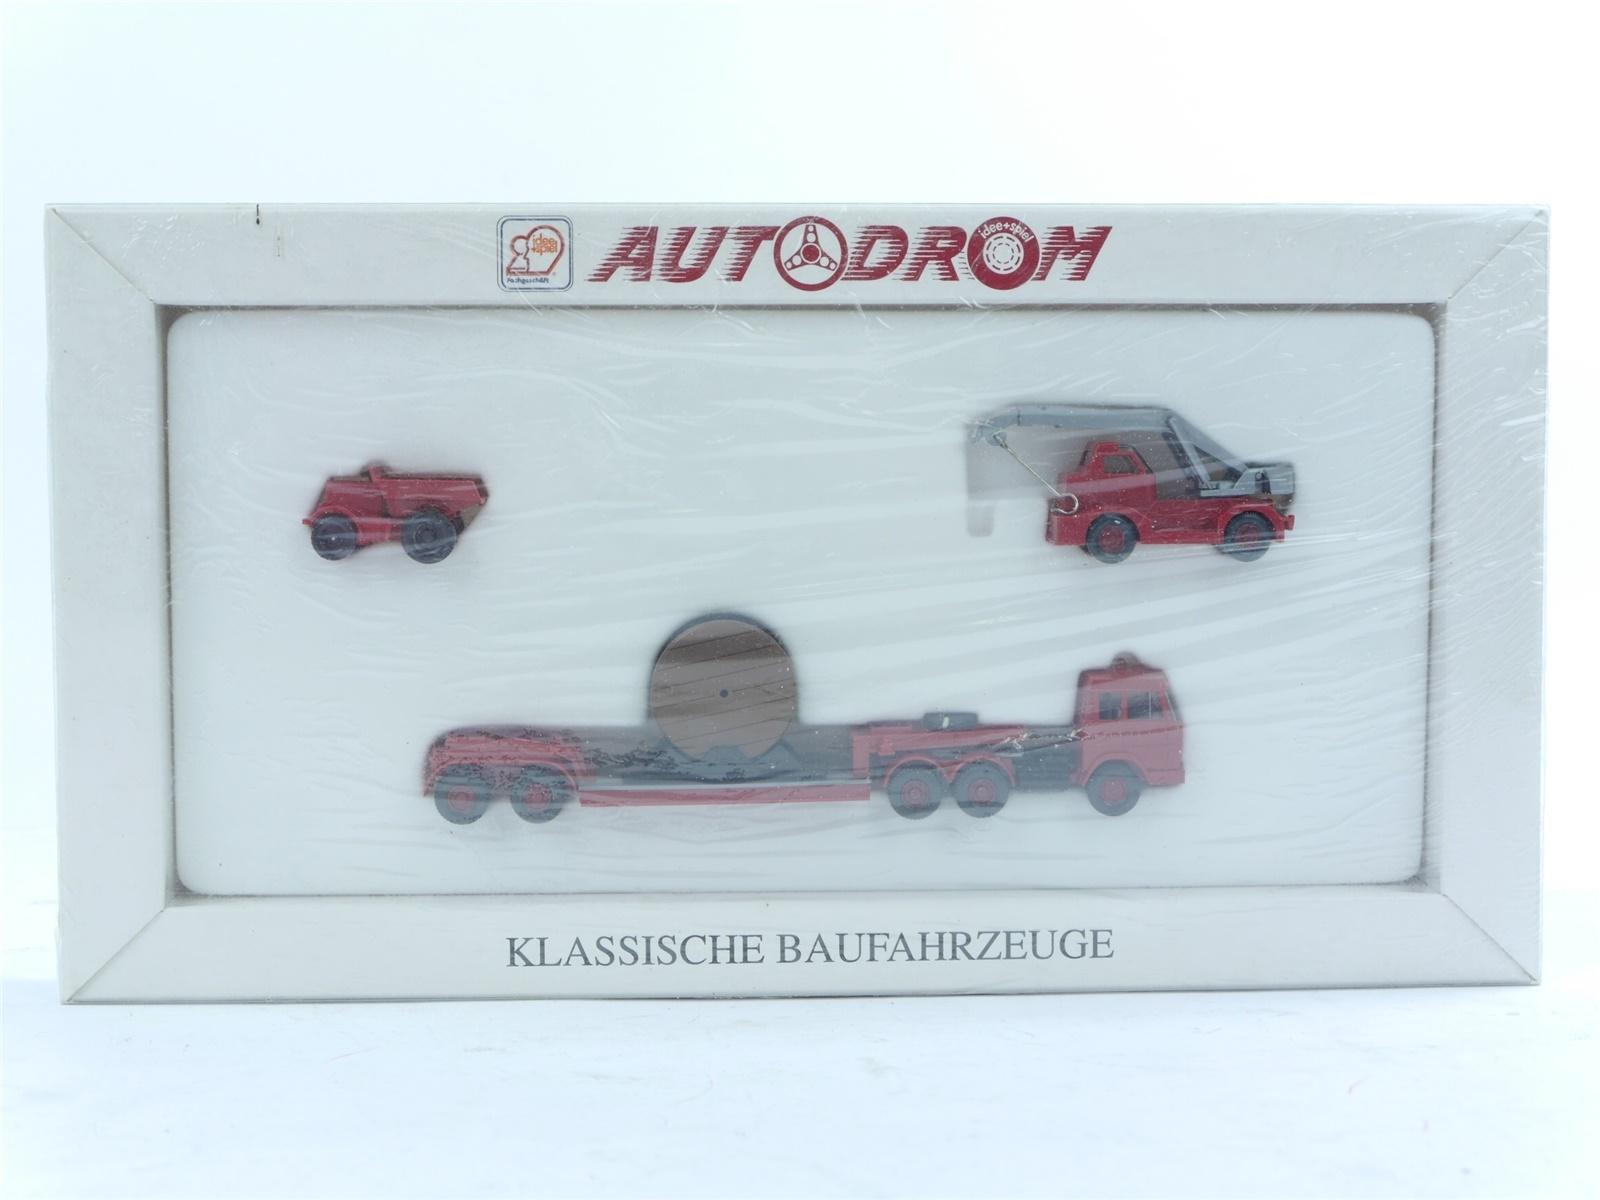 """E188 Wiking H0 990 08 Modellauto-Set 3-tlg. """"Klassische Baufahrzeuge"""" *NEU*"""